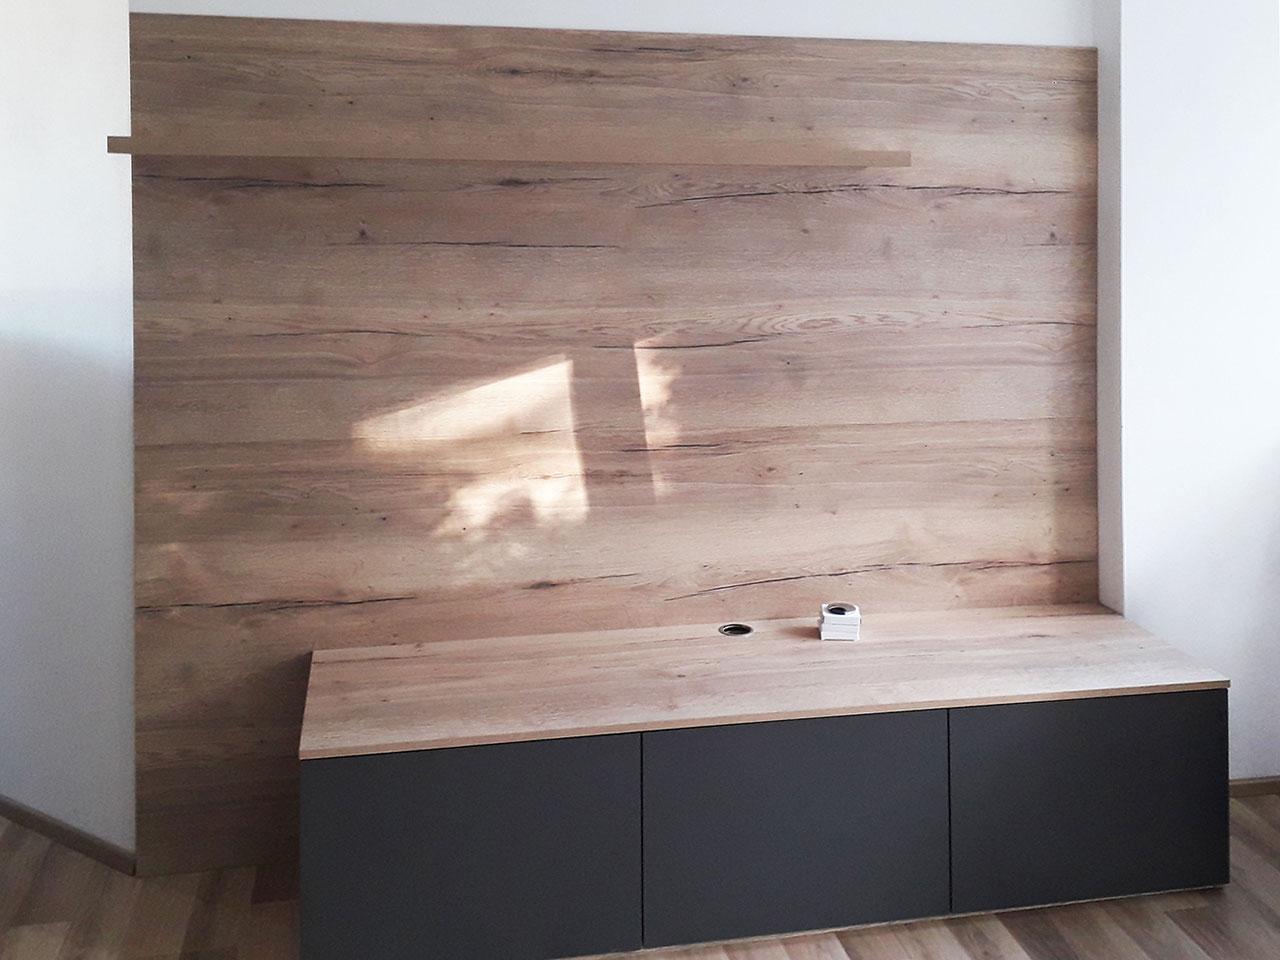 Obývací stěna s komodou připravená na instalaci televize.